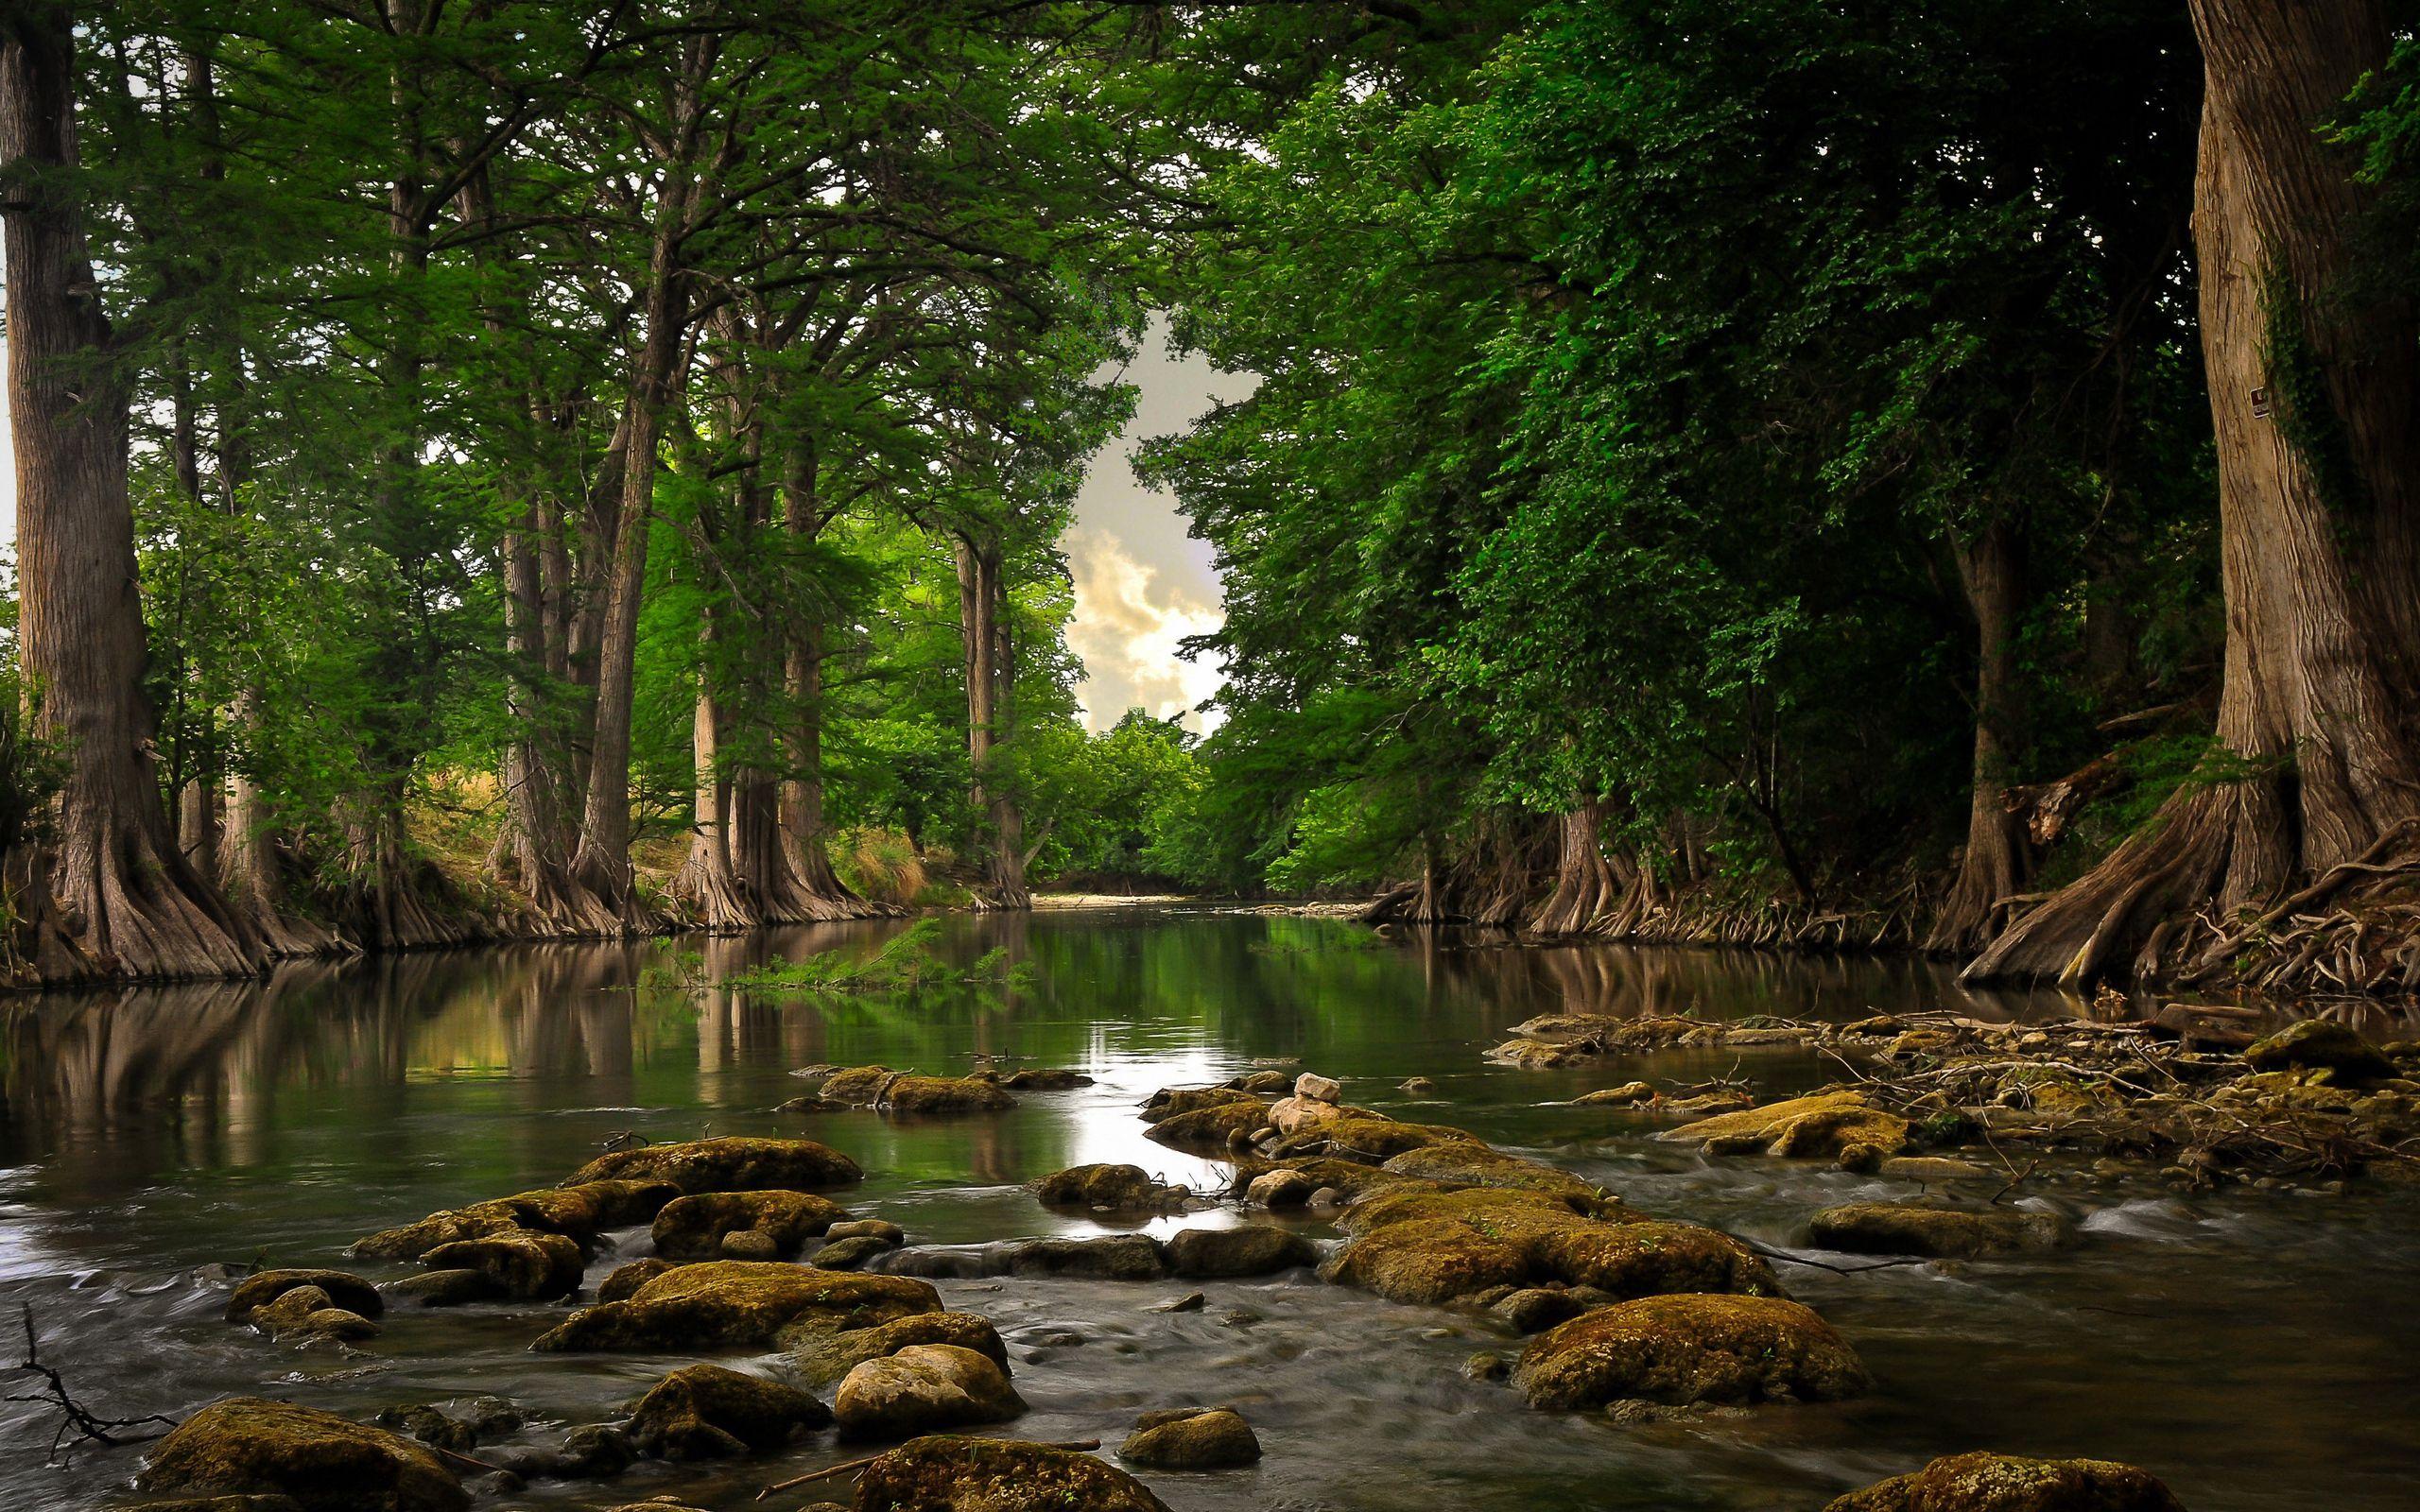 144931 скачать обои Деревья, Природа, Камни, Лето, Река, Мох - заставки и картинки бесплатно